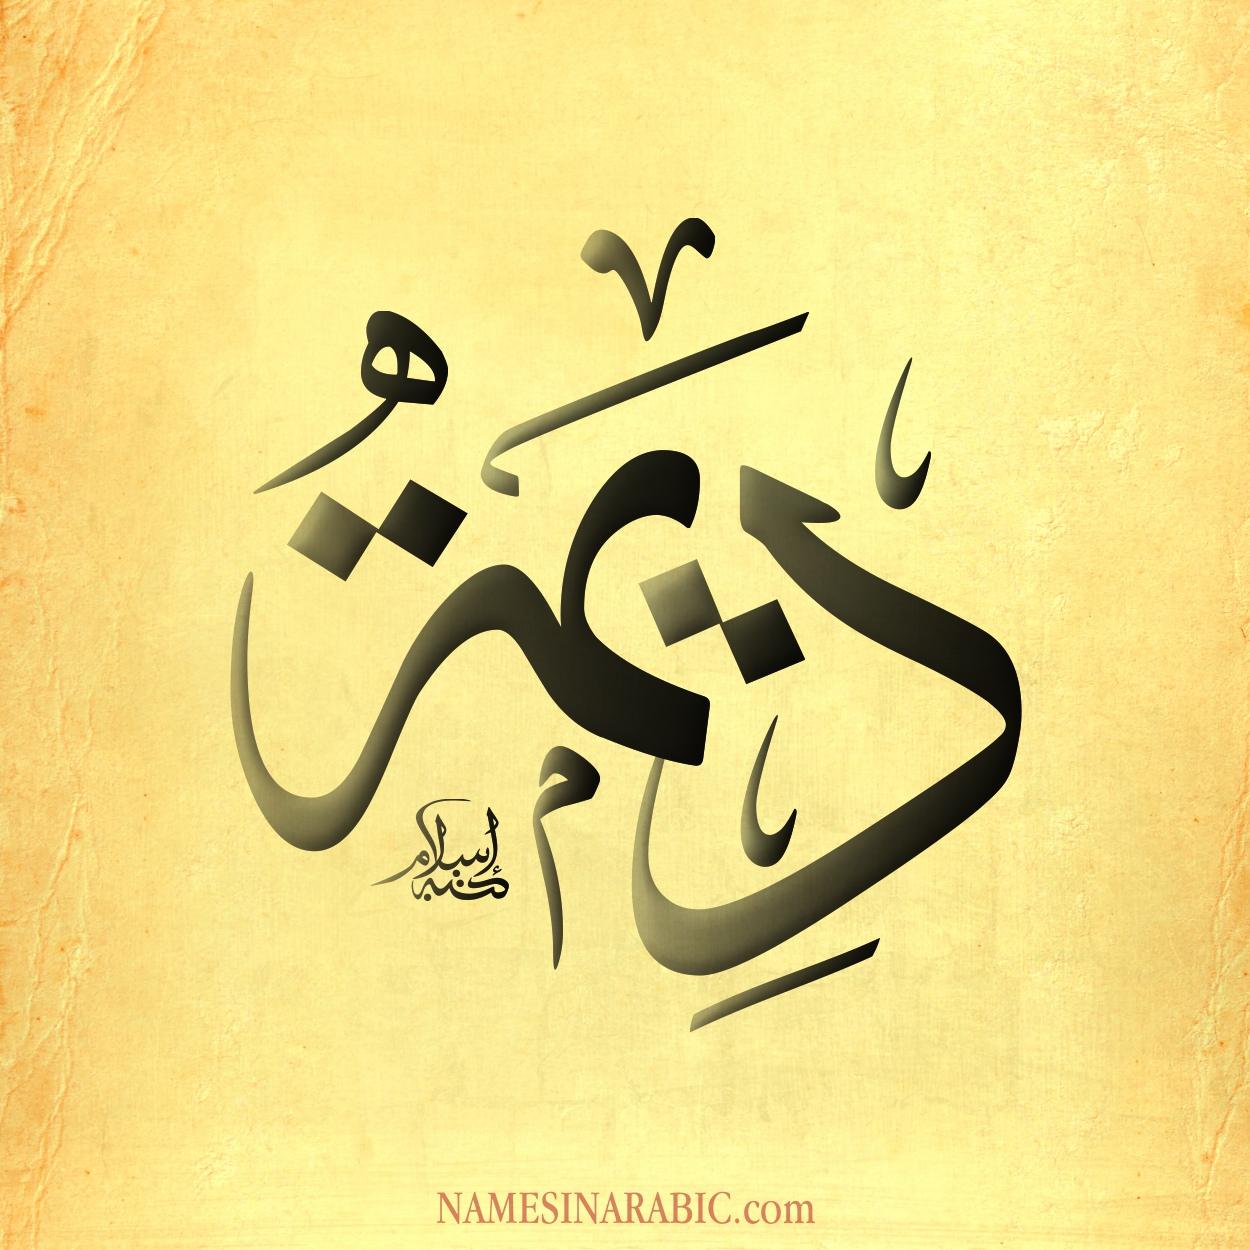 Dima-Name-in-Arabic-Calligraphy.jpg